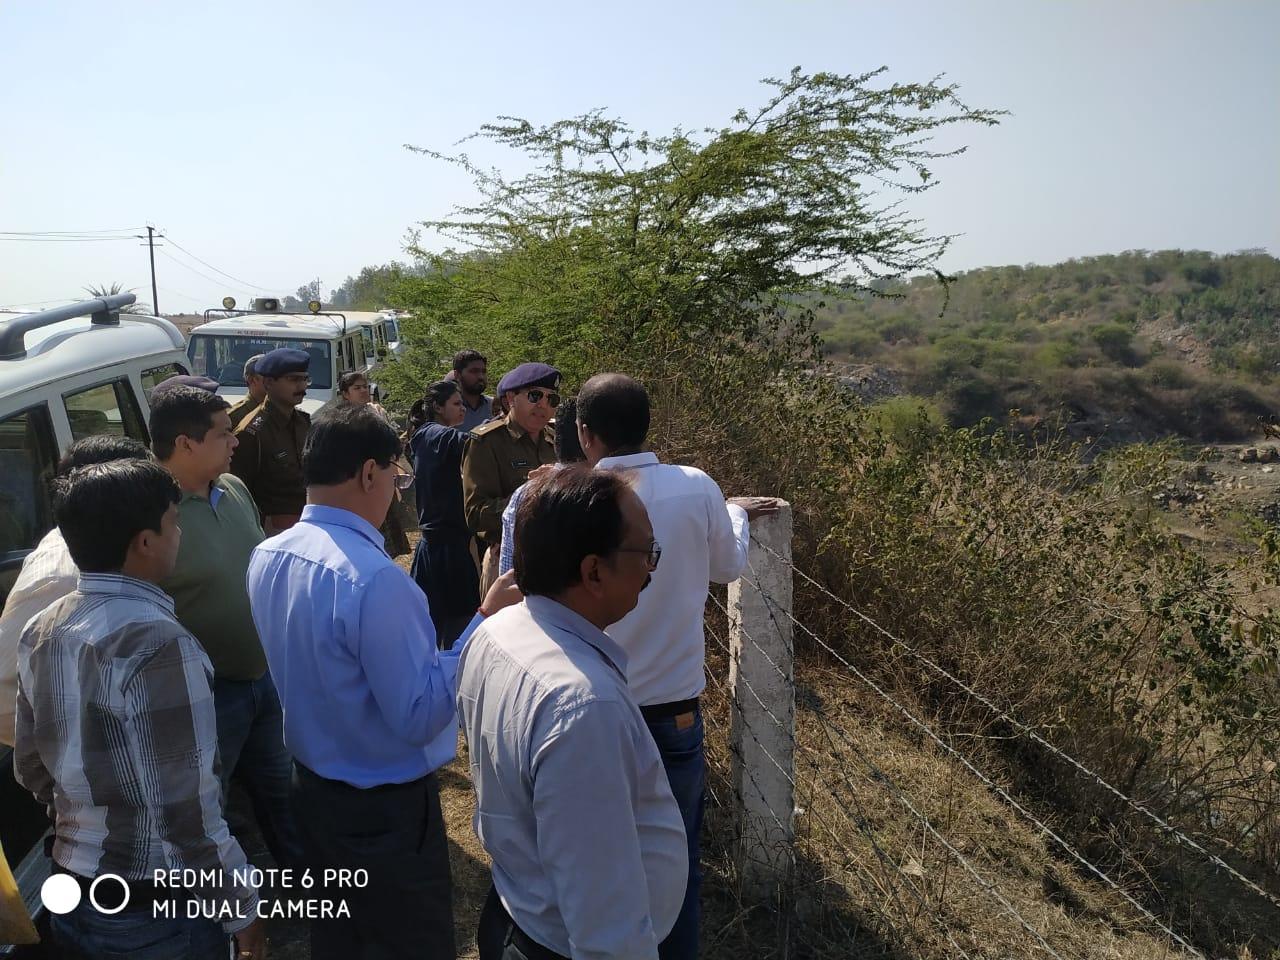 माइनिंग एवं प्रदूषण विभाग की टीम जांच के लिए पहुंची